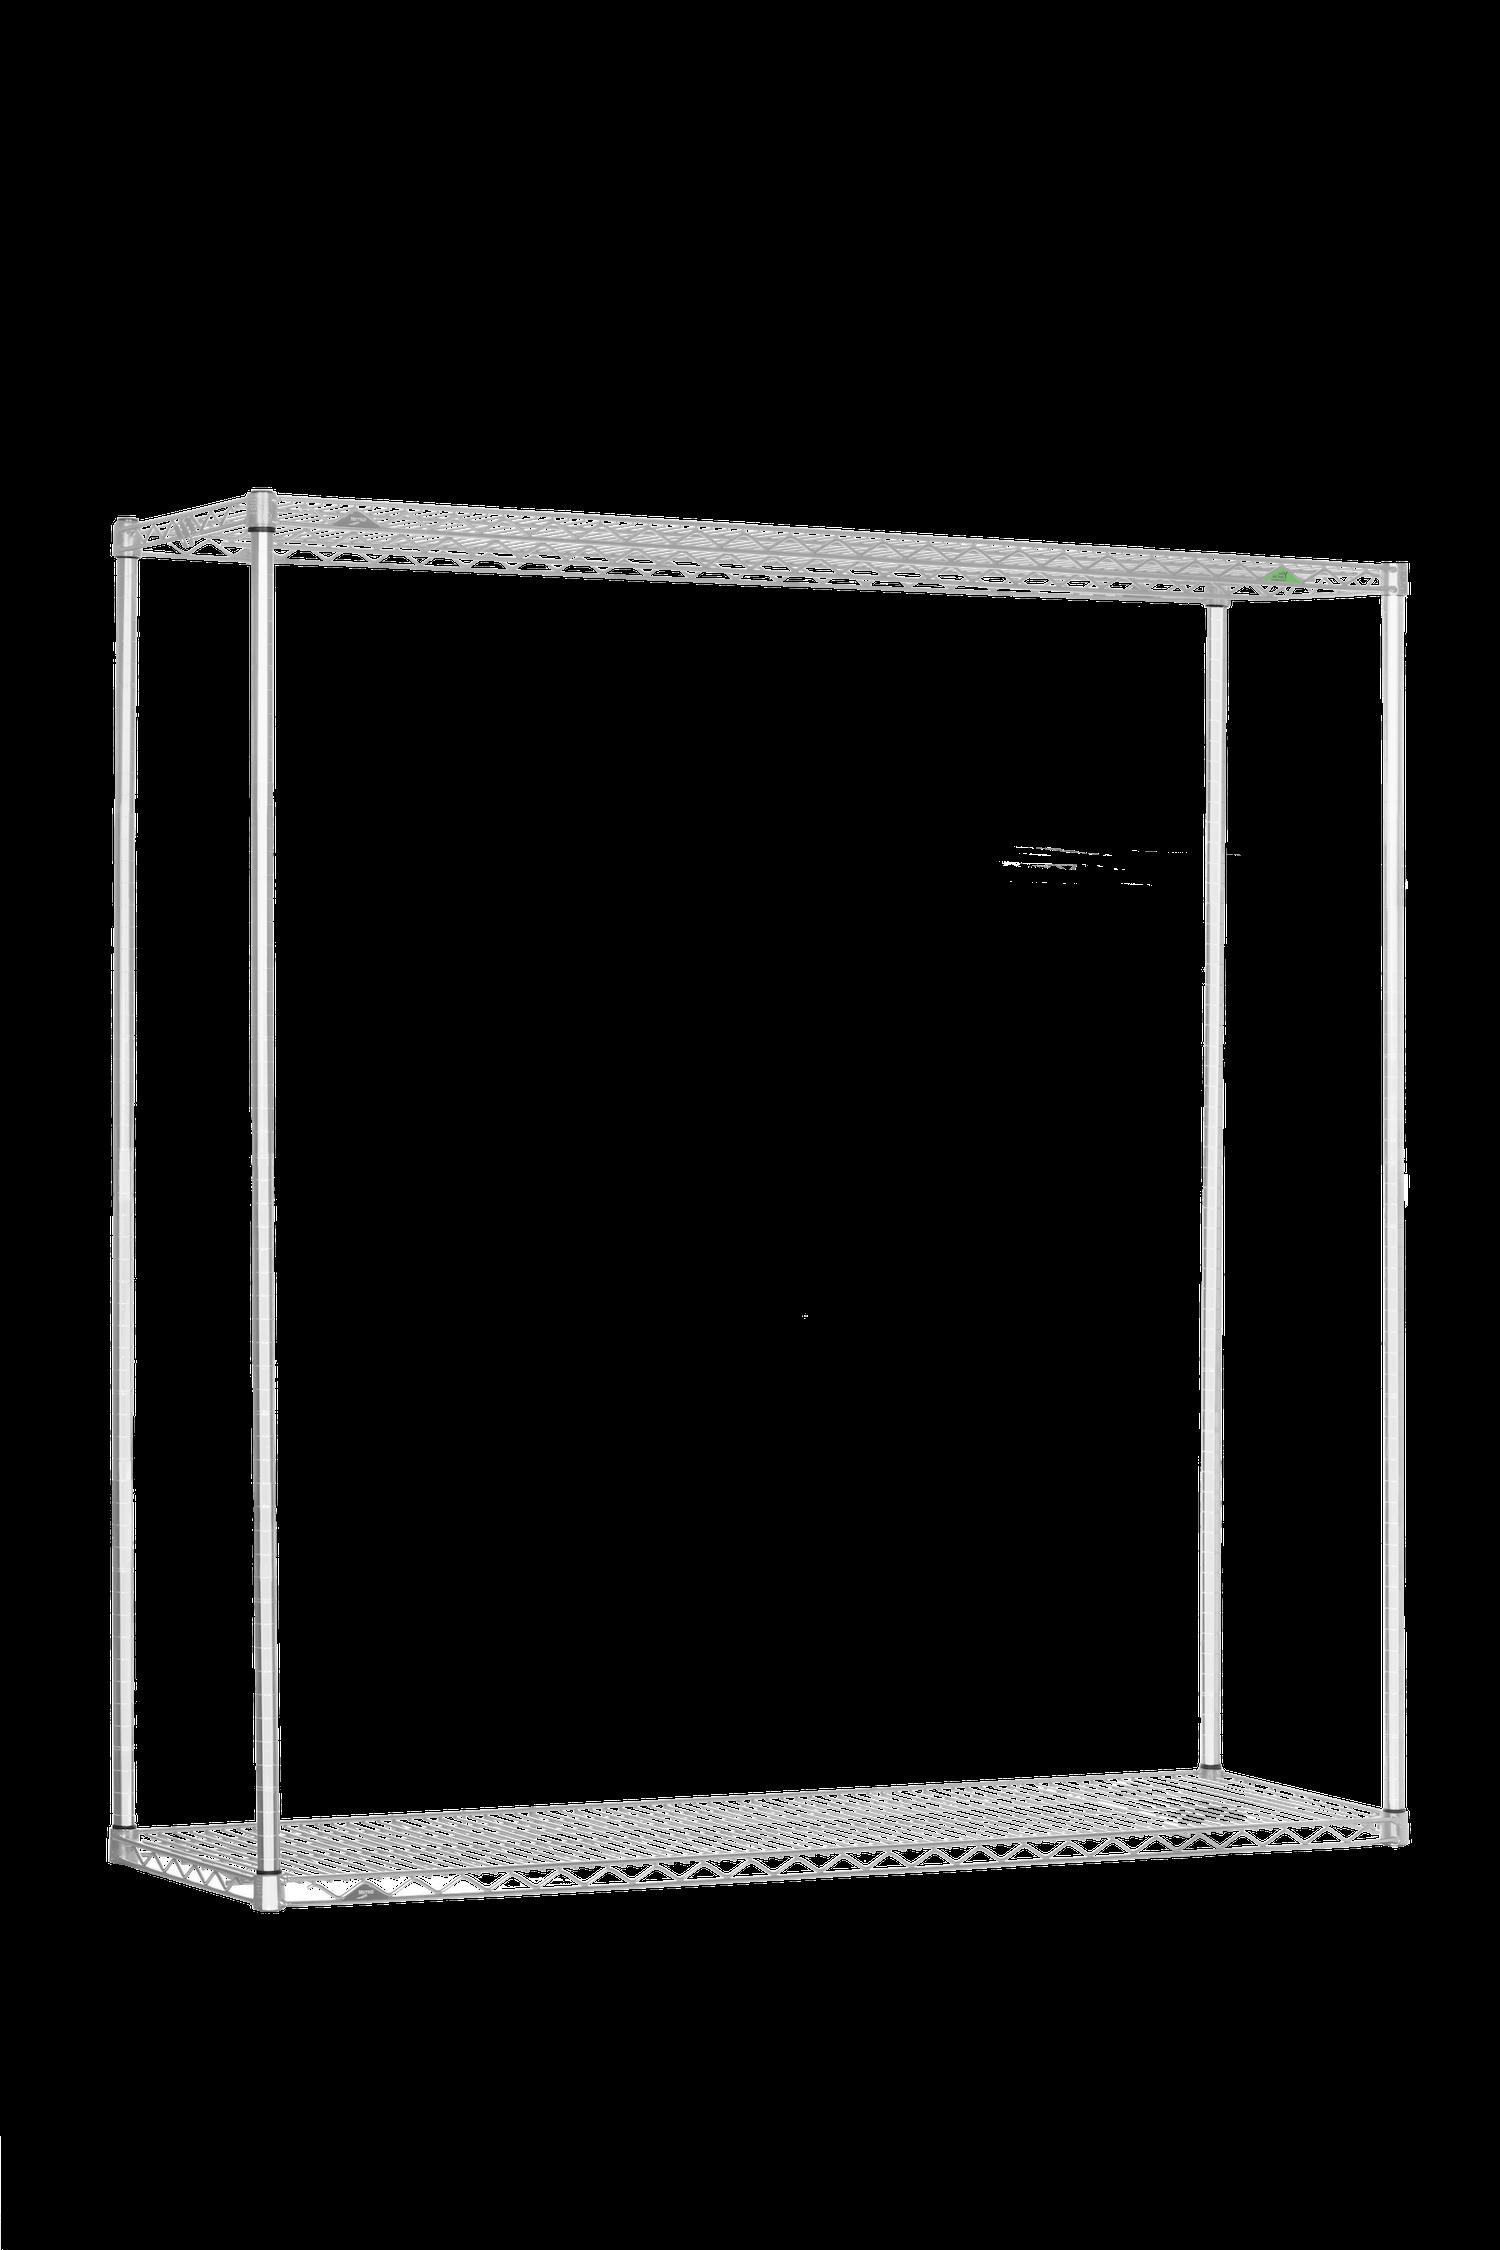 457x457mm, 18x18 inch